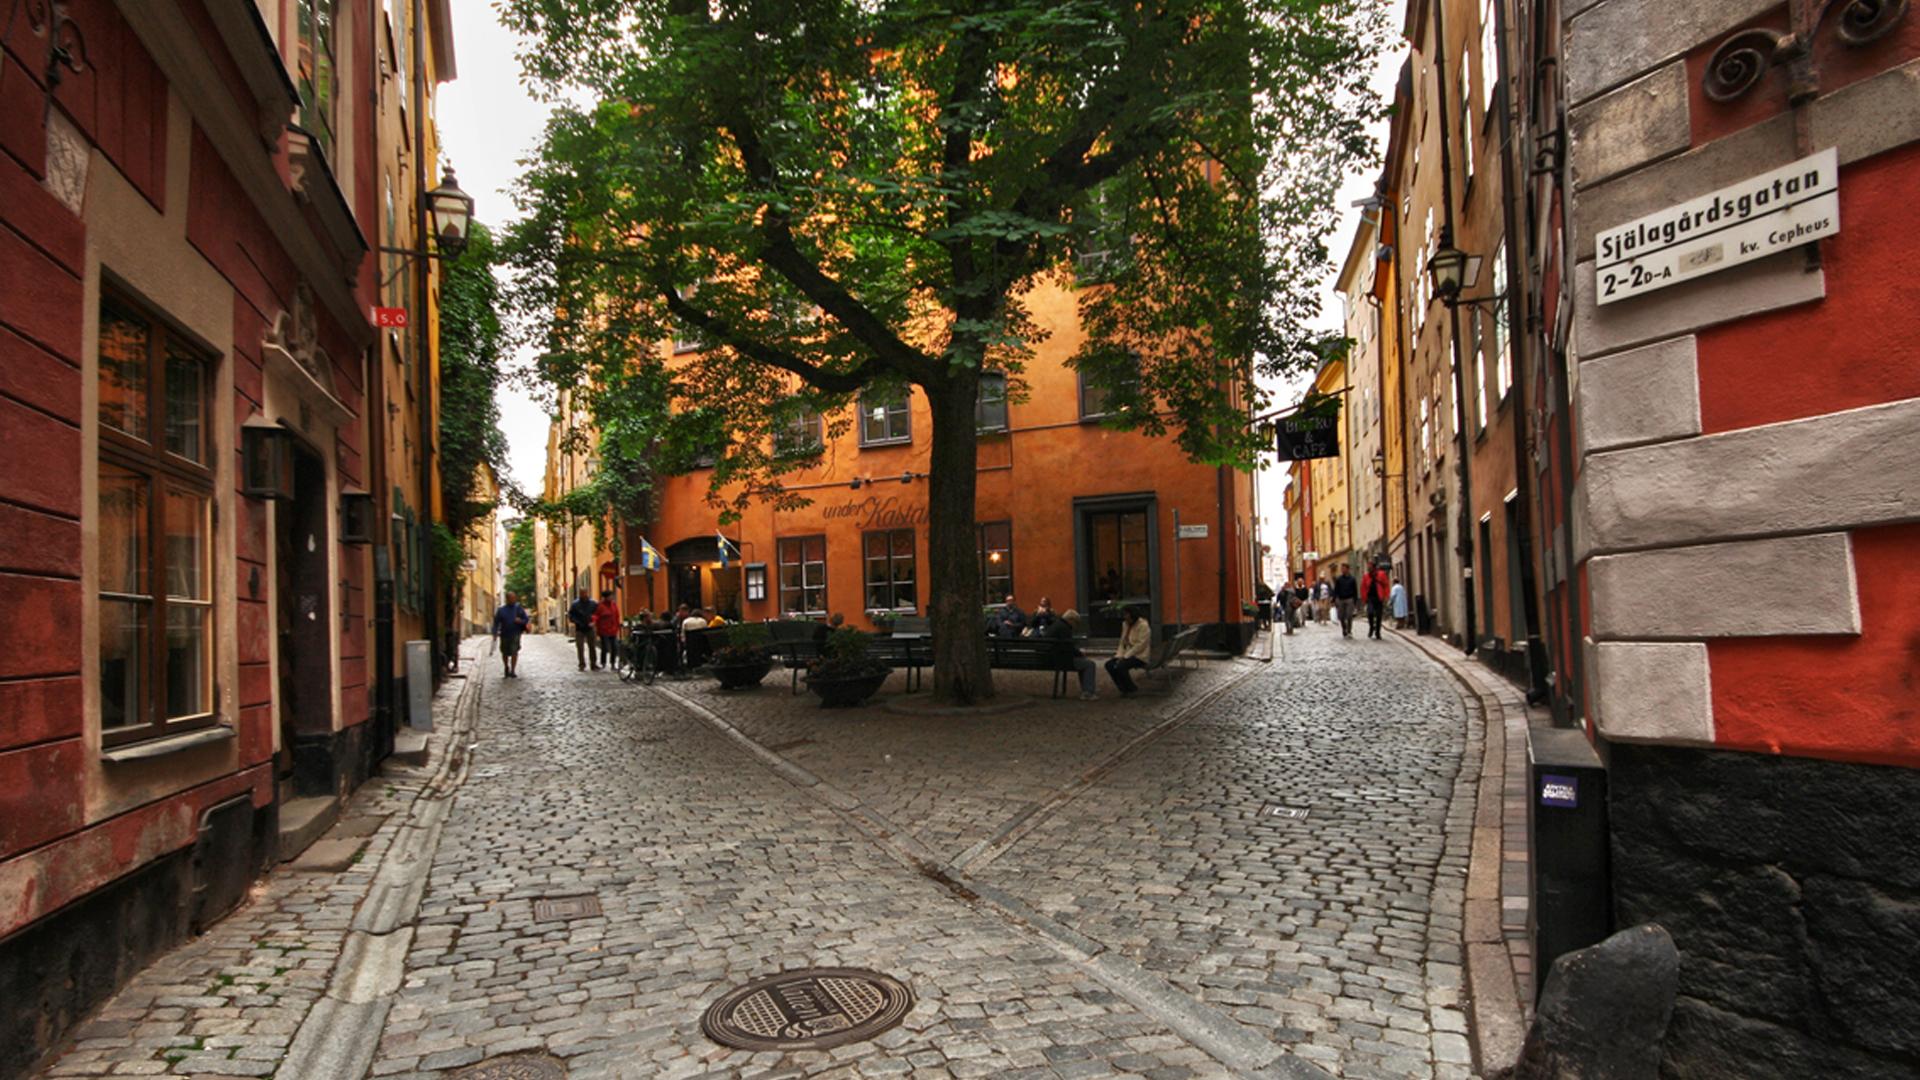 Kiinnostaako opiskelu Tukholmassa? | Jutut | Abitreenit | yle.fi